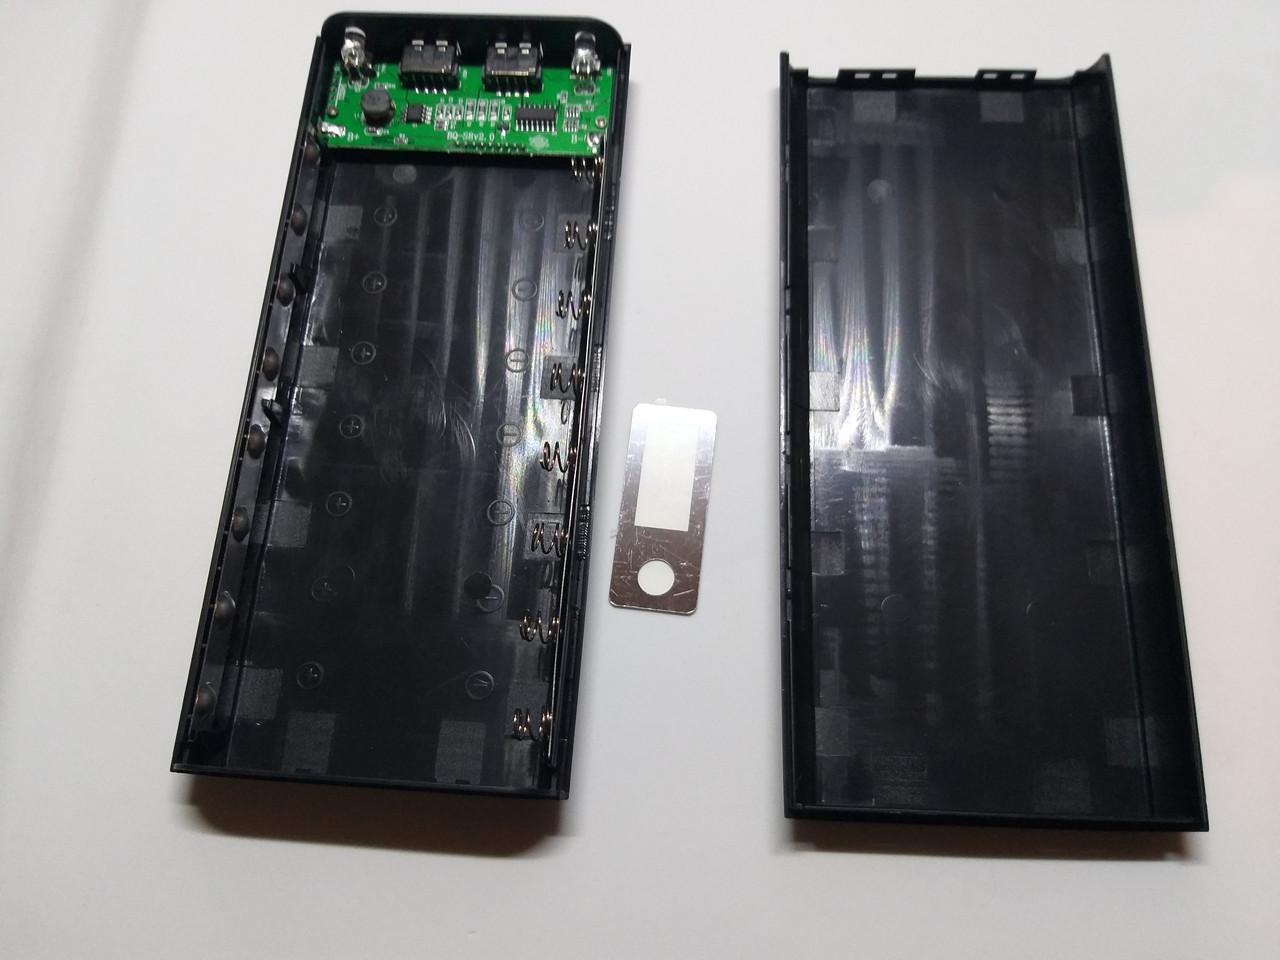 Корпус power bank. 5 В 2.0A бокс на 8X18650 с цифровым индикатором. Внешнее зарядное устройство